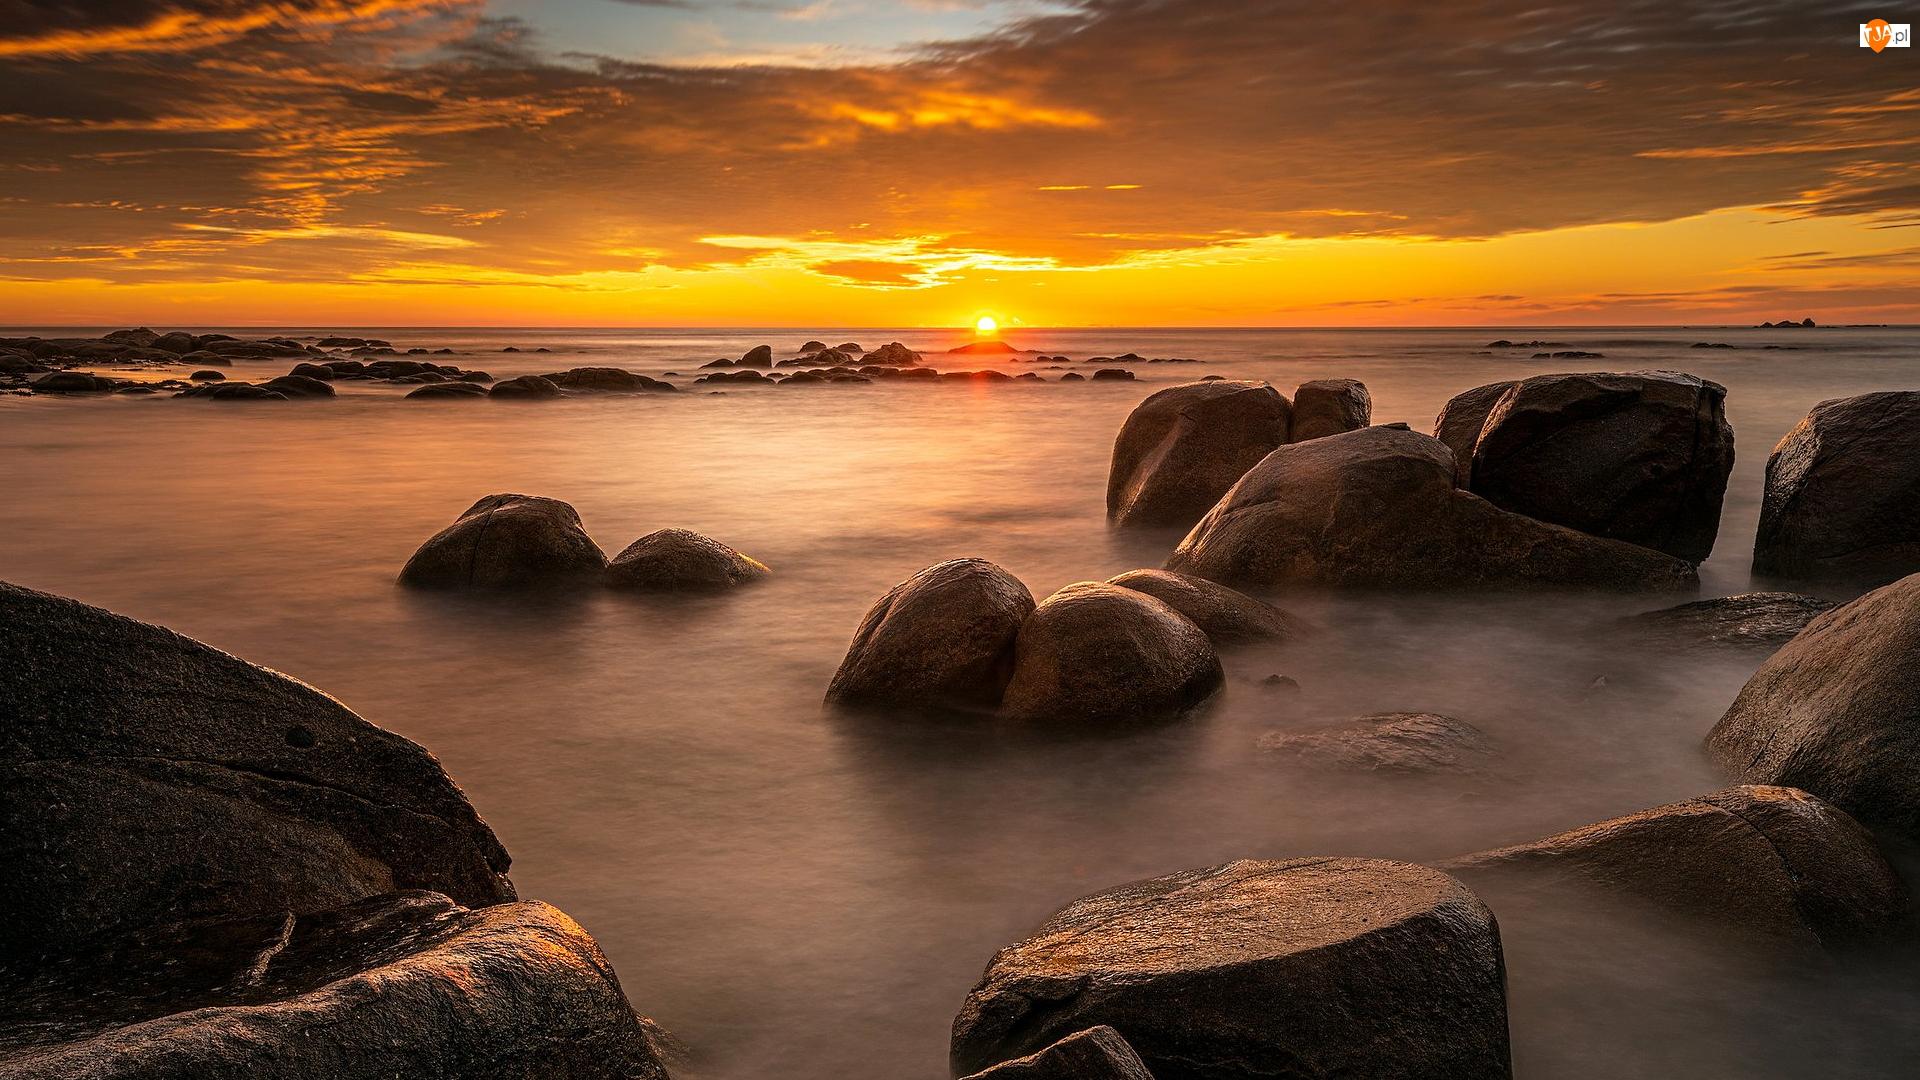 Zachód słońca, Kamienie, Australia, Morze, Tasmania, Binalong Bay, Głazy